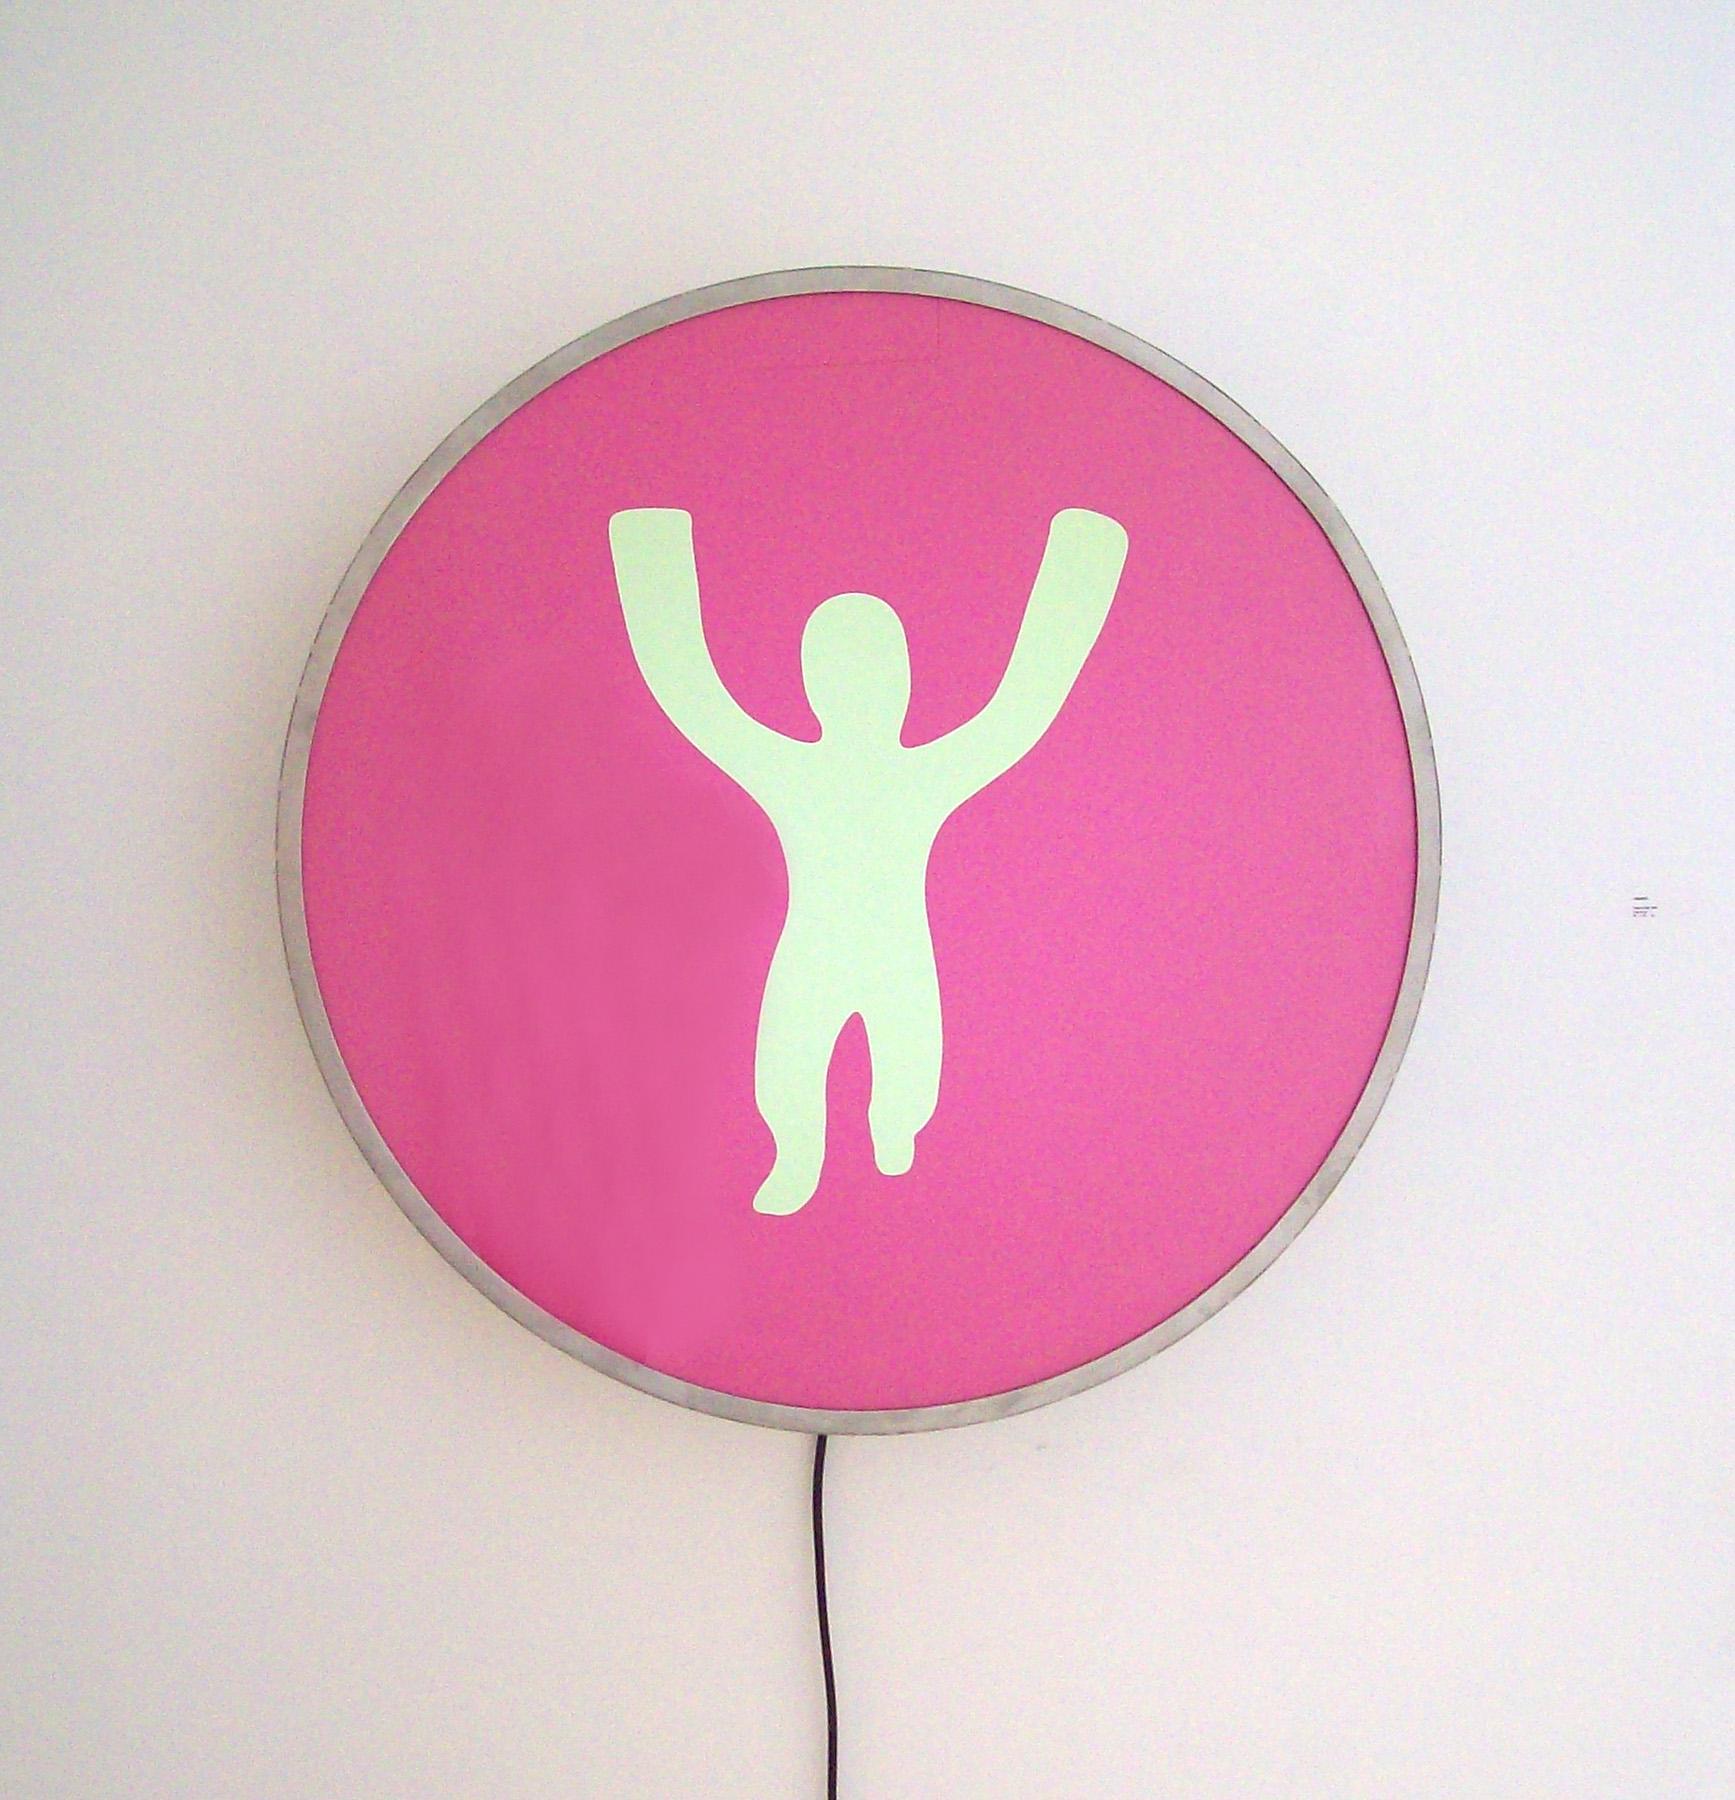 Charco child, 2008, caja de luz, 96 x 96 x 12 cm